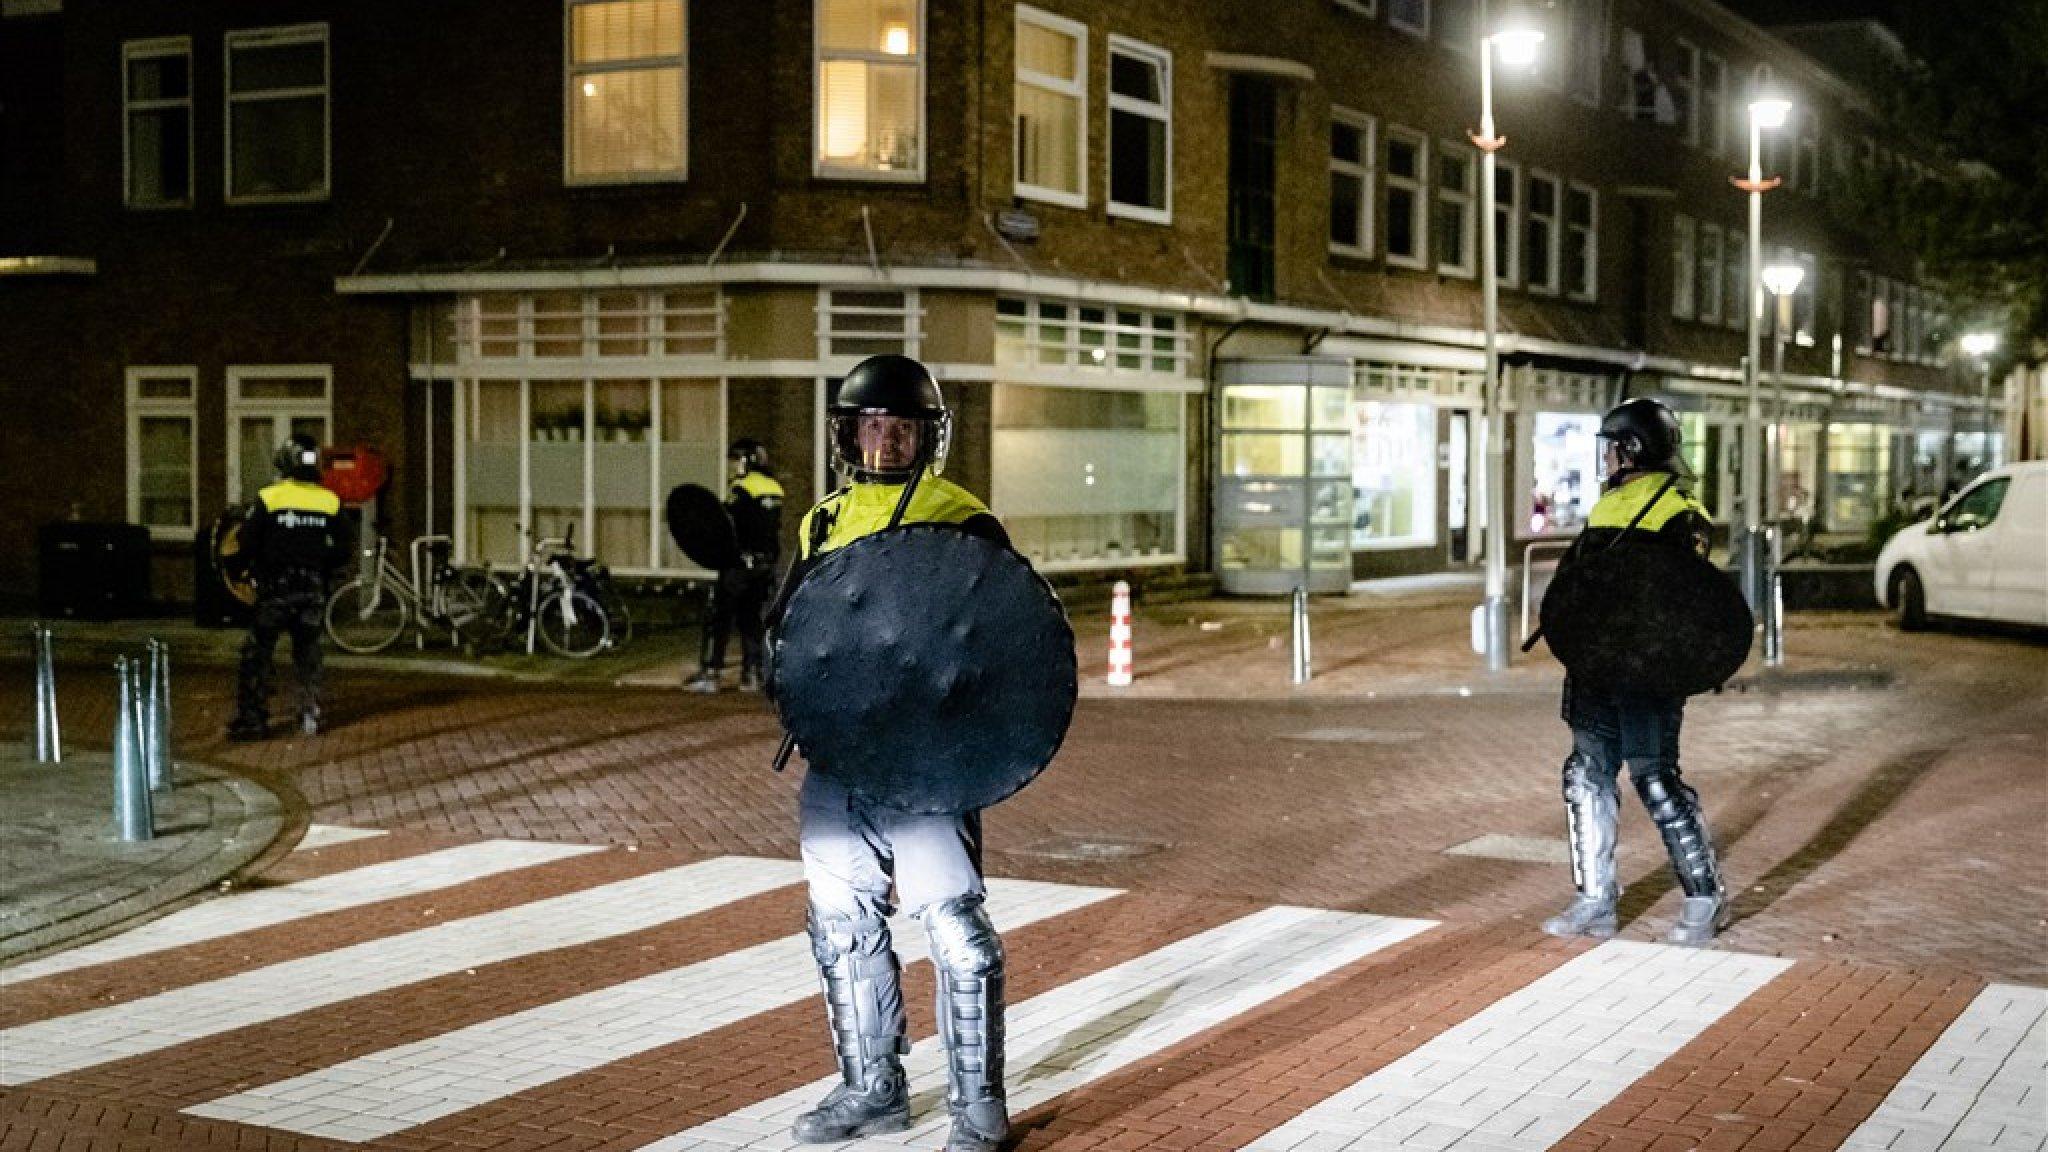 Inwoner Den Haag over rellende jeugd: 'Ben bang dat dit gaat escaleren'